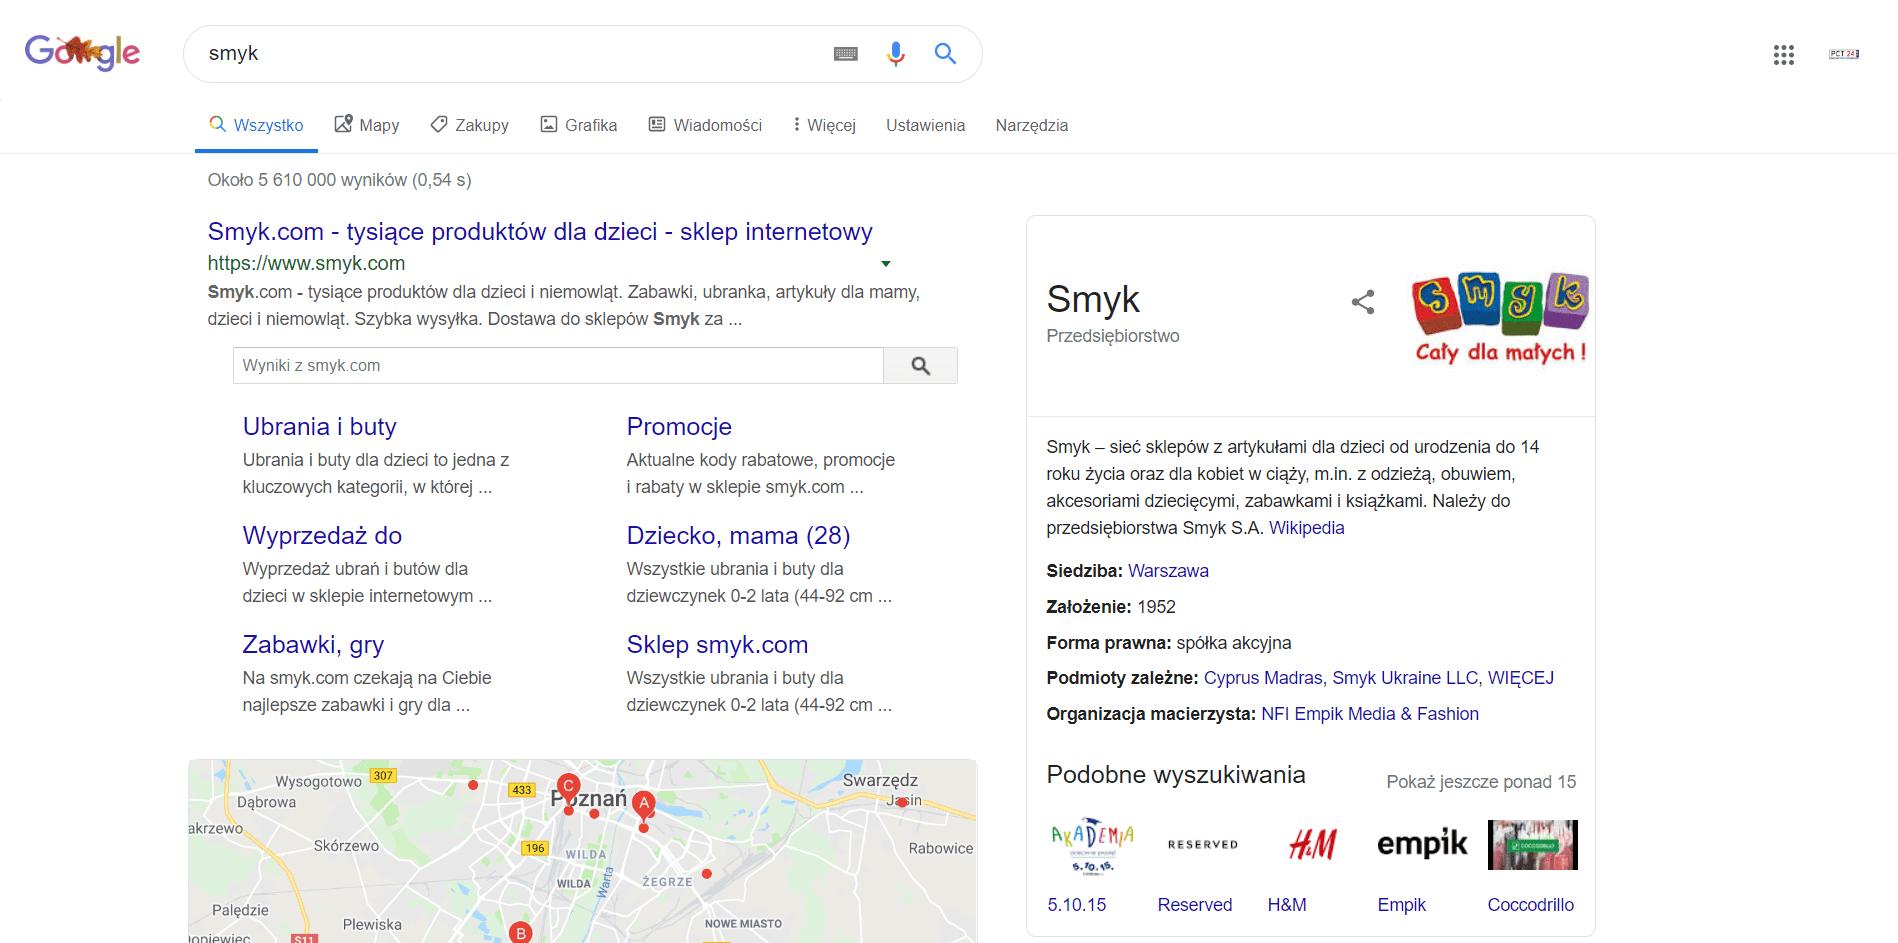 Google sitelinks - przykład